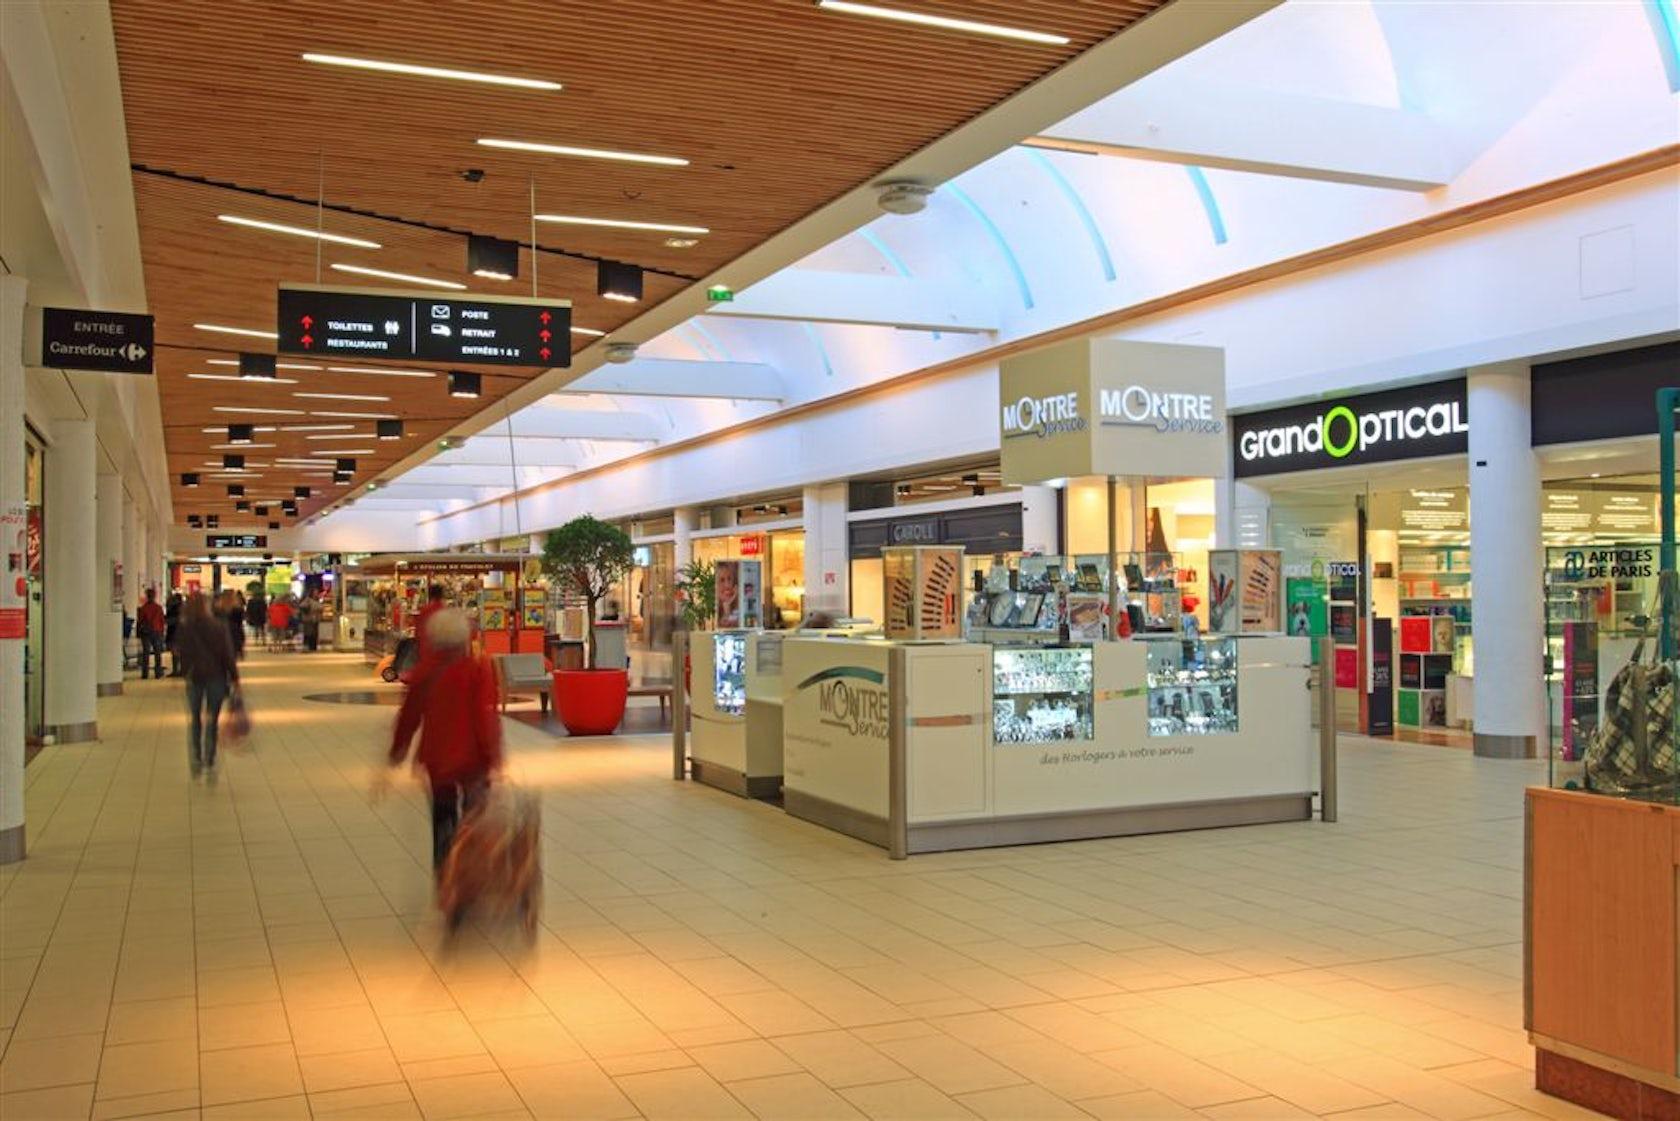 Paris Materiaux Villeneuve La Garenne centre commercial bab 2 on architizer